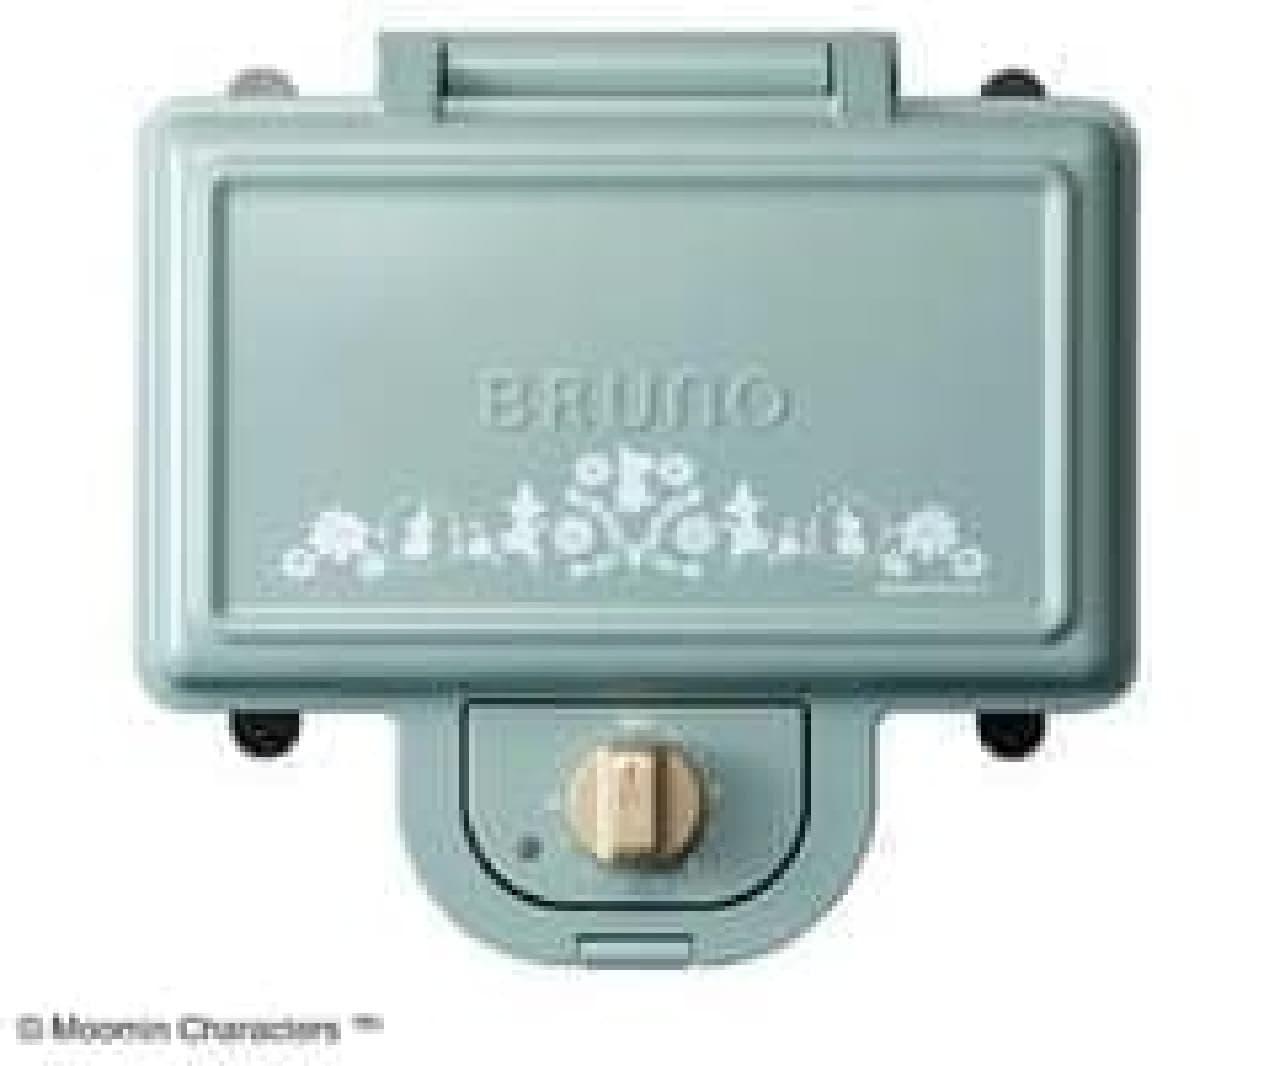 BRUNO ムーミンホットサンドメーカー ダブル